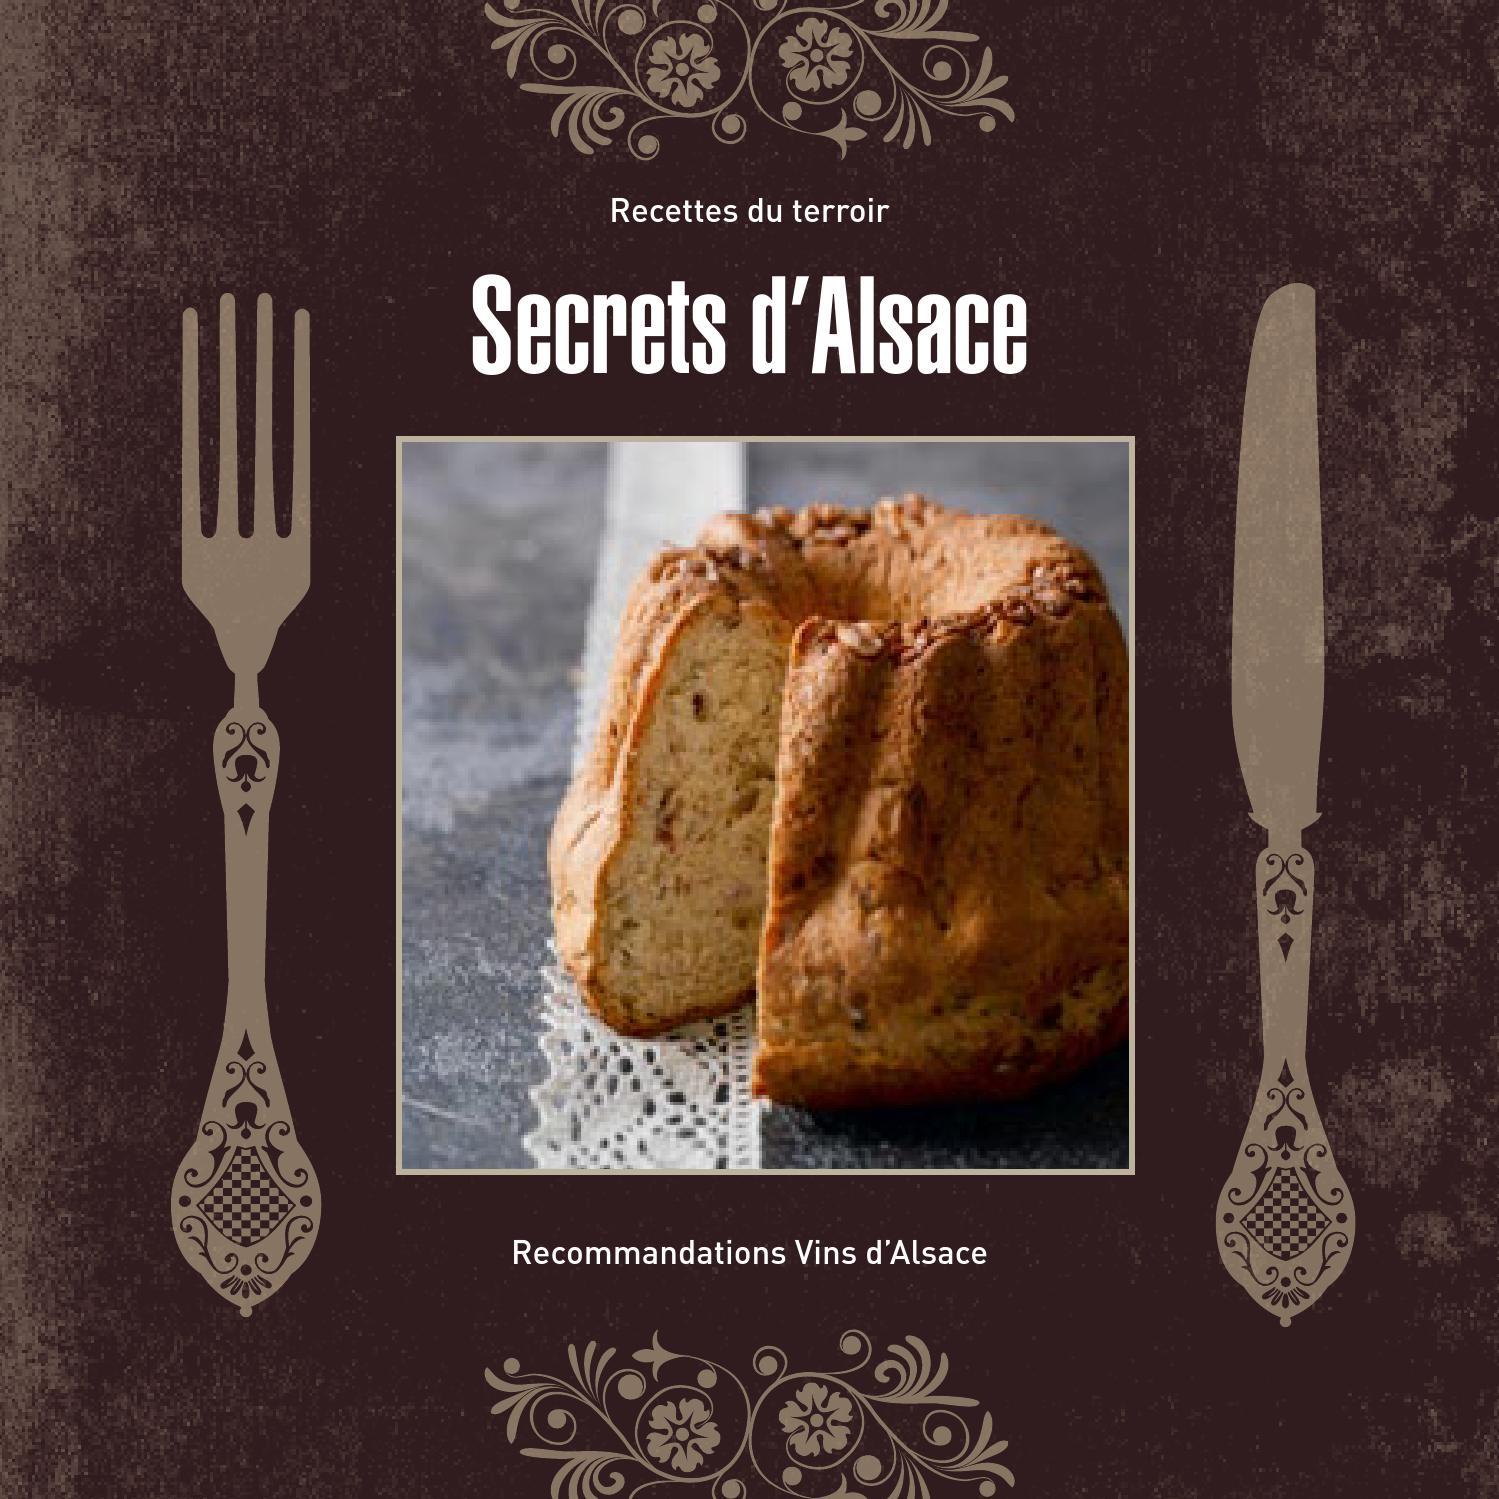 Recettes du terroir secrets d 39 alsace by vinsalsace issuu - Cuisine belge recettes du terroir ...